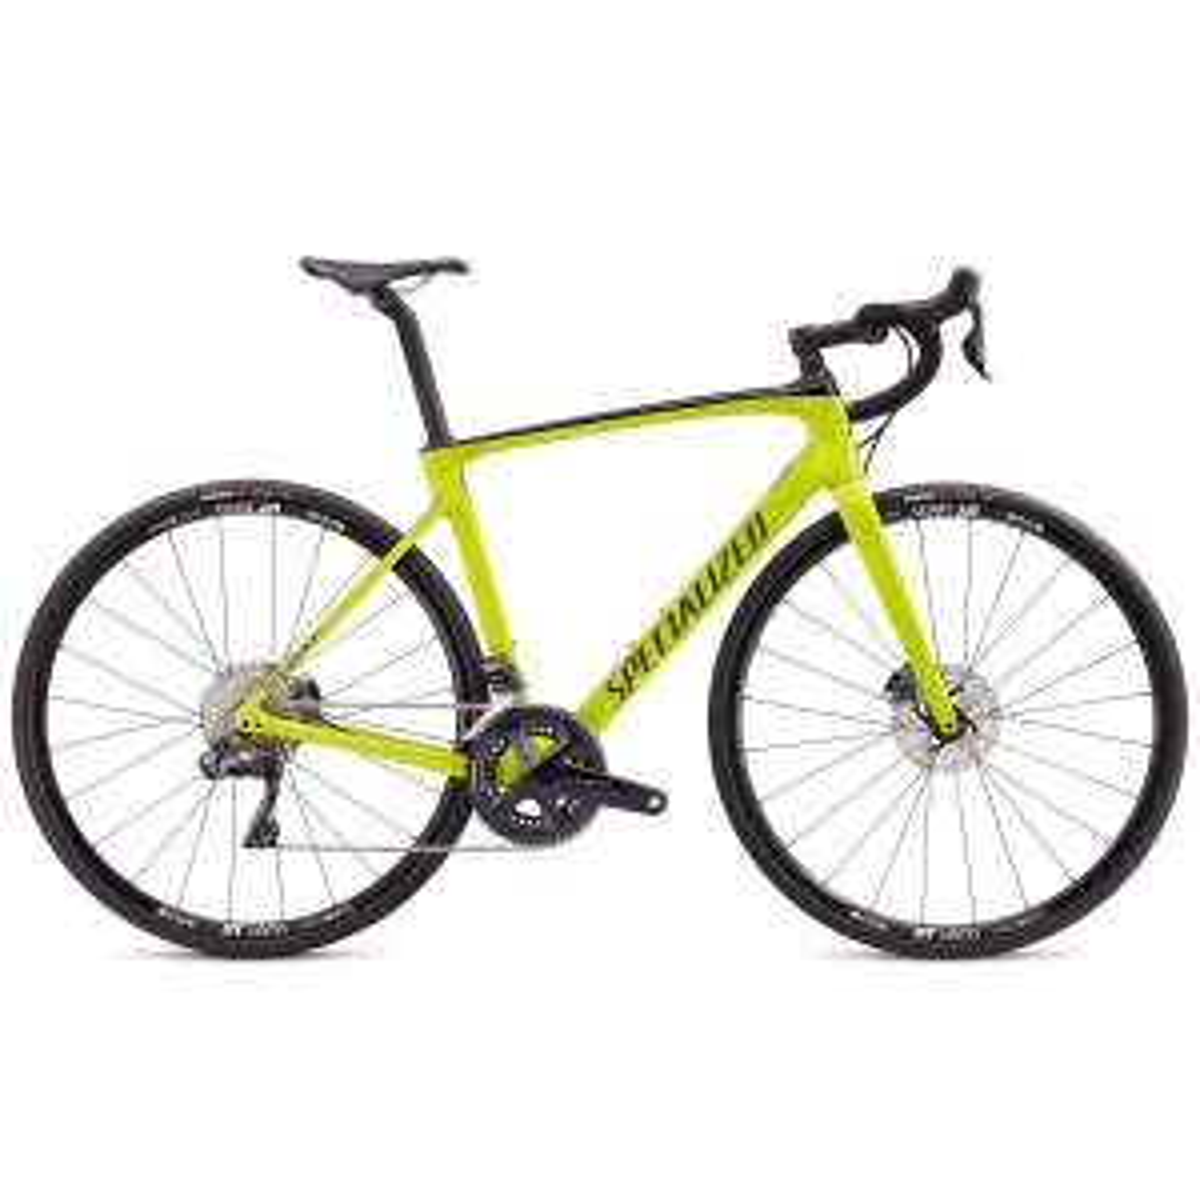 Specialized Roubaix Comp Ultegra Disc Di2 Rennrad